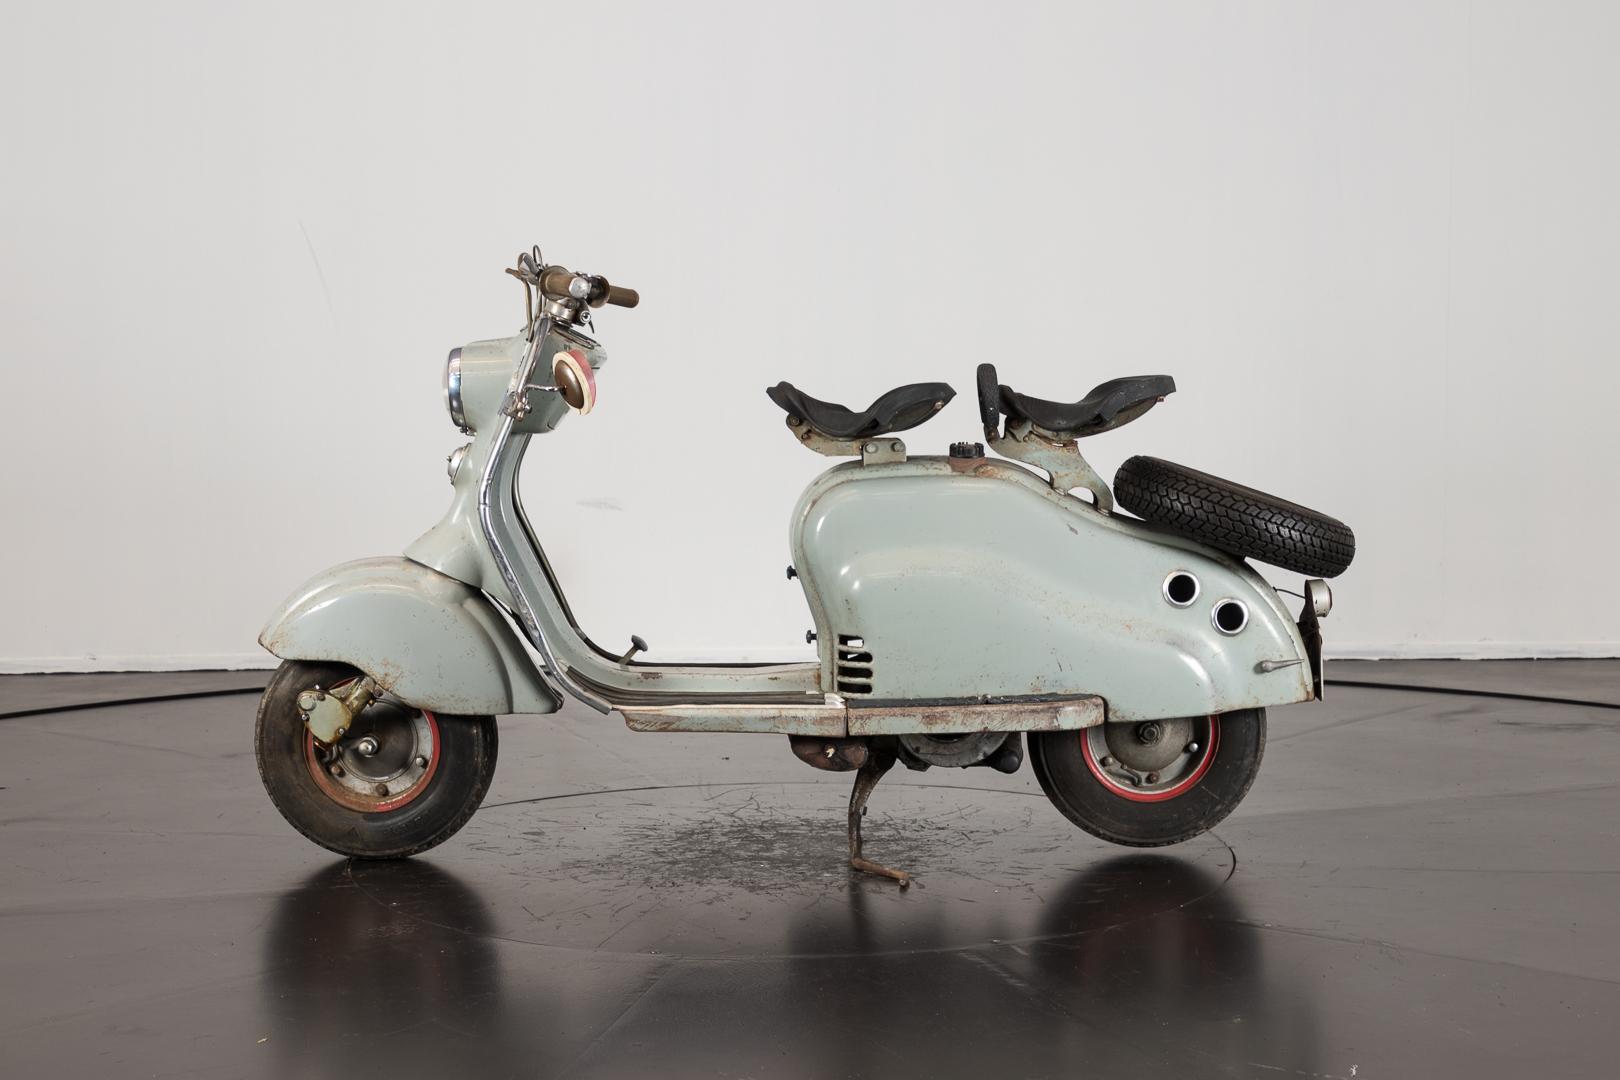 1957 innocenti lambretta ld francia innocenti moto d 39 epoca ruote da sogno. Black Bedroom Furniture Sets. Home Design Ideas